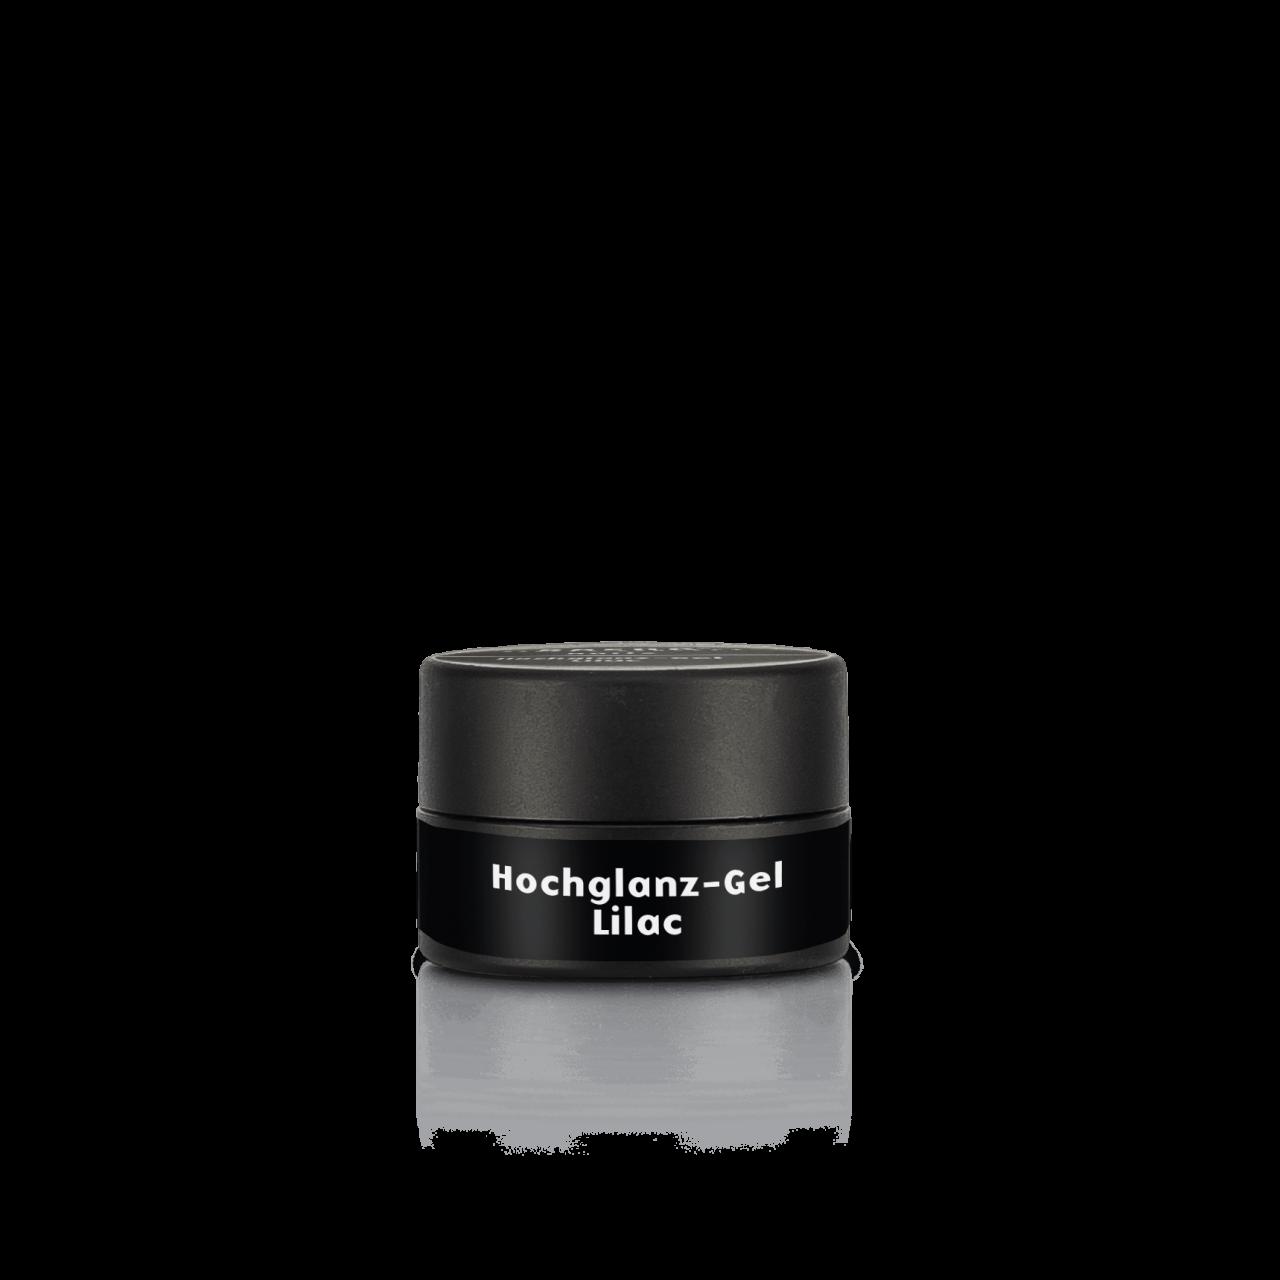 Hochglanz-Gel Lilac 5 ml